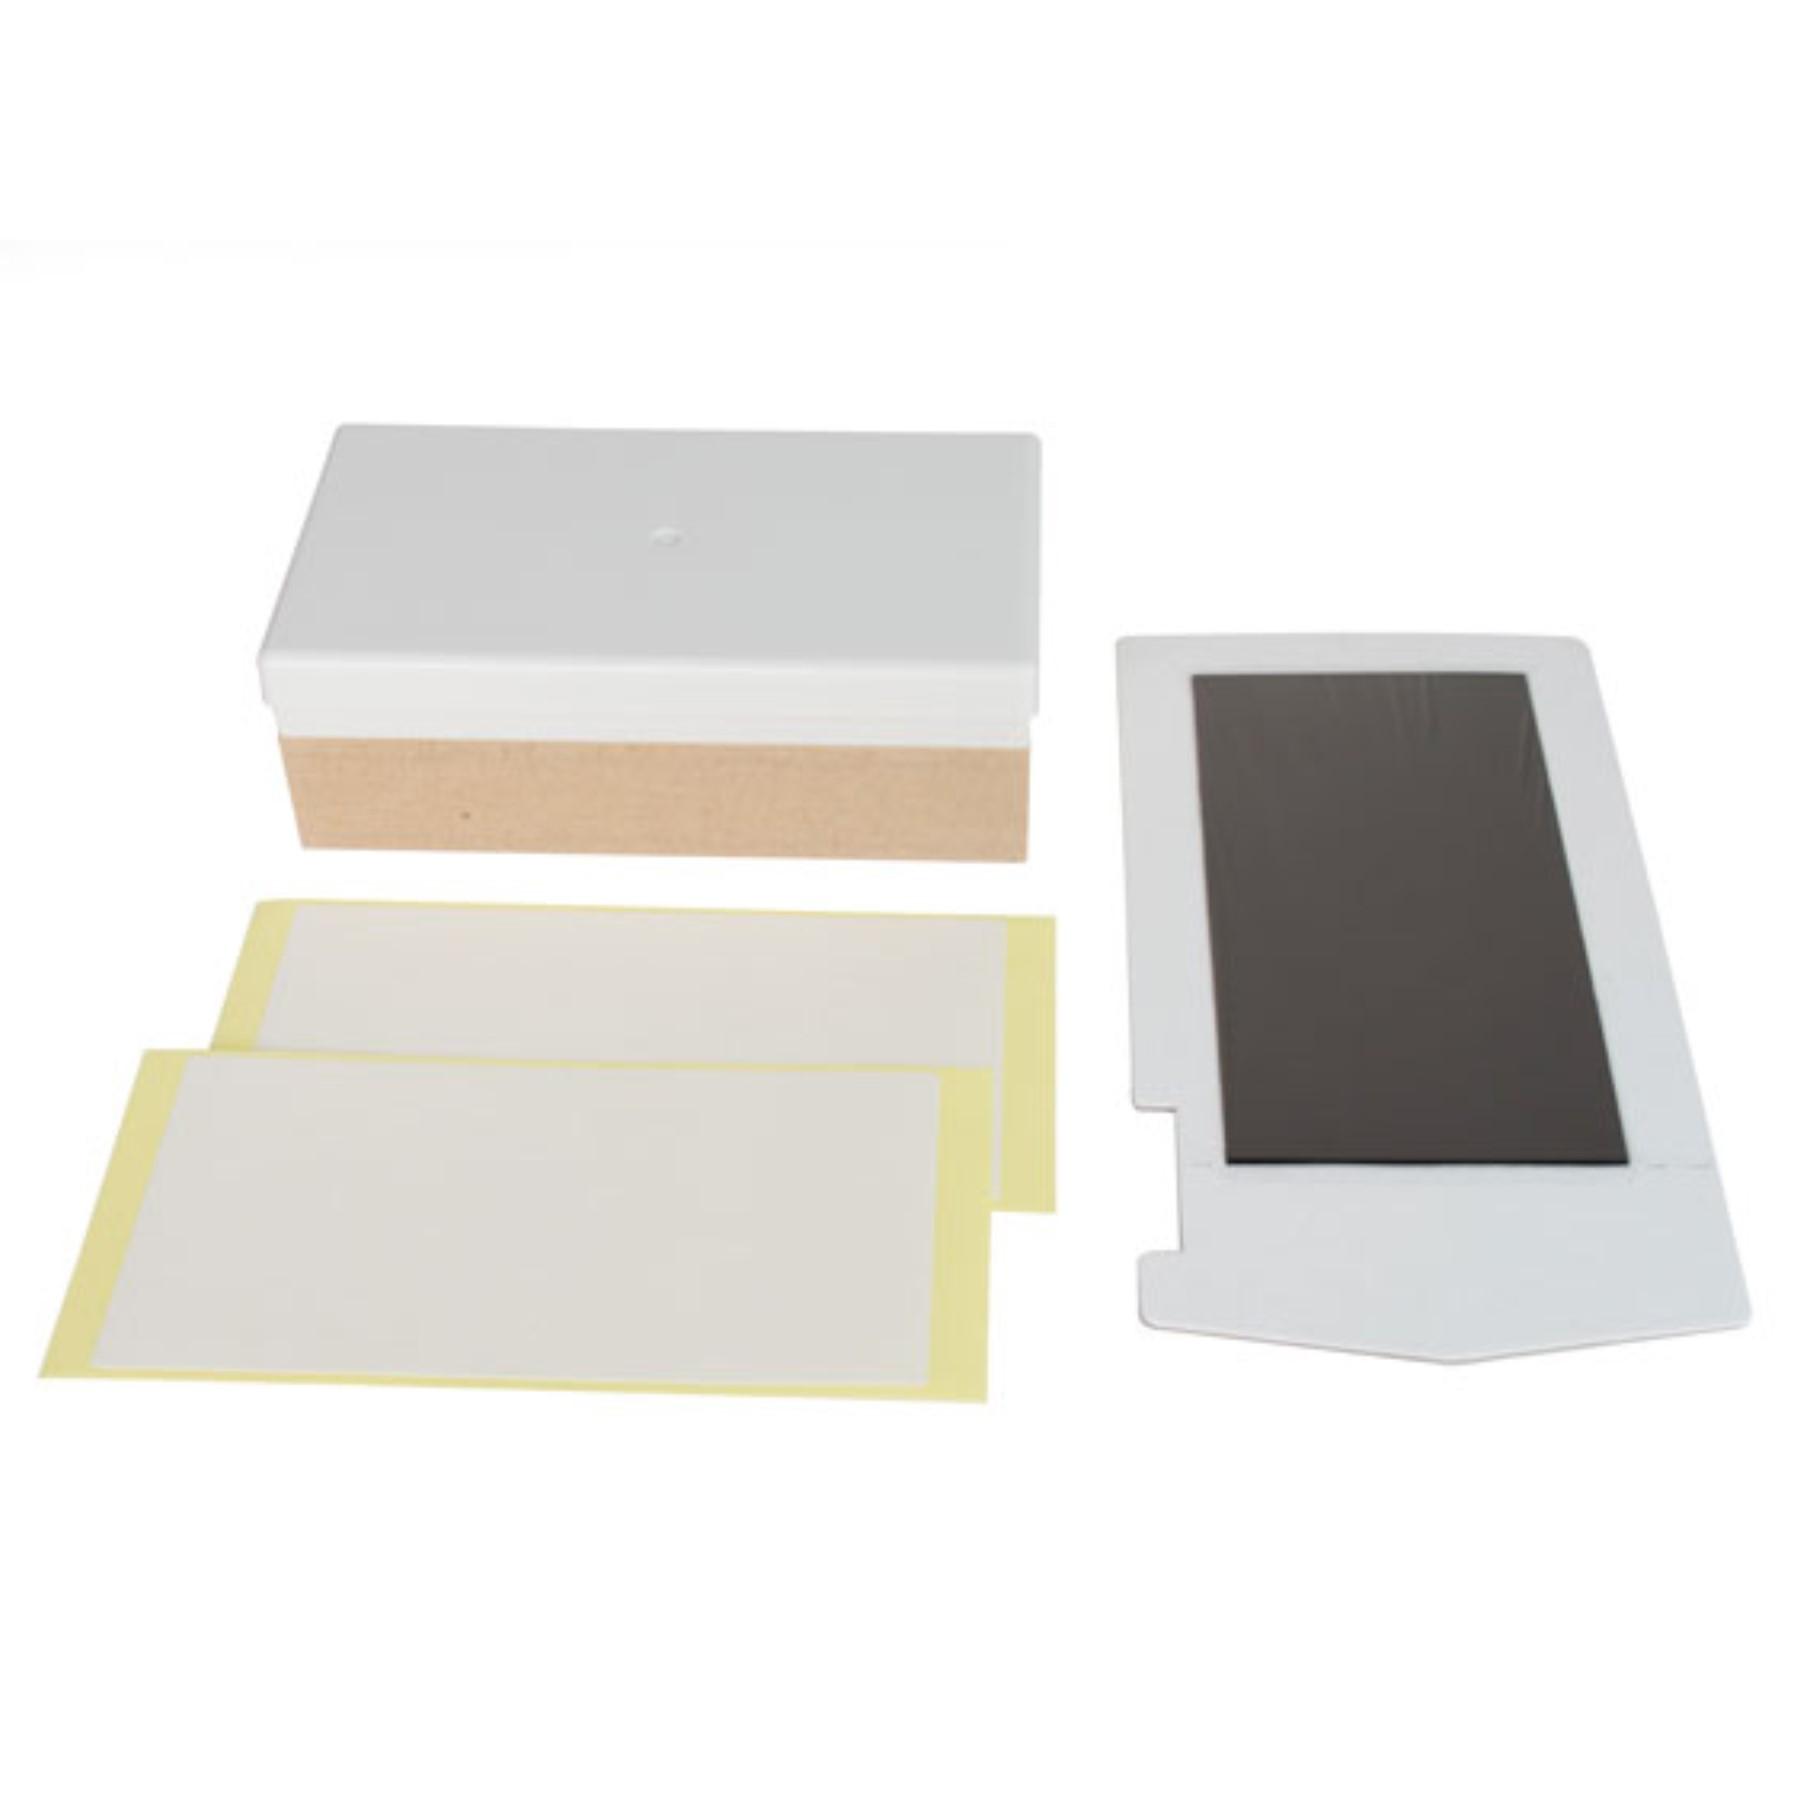 Kit de timbre 4,5 x 9 cm